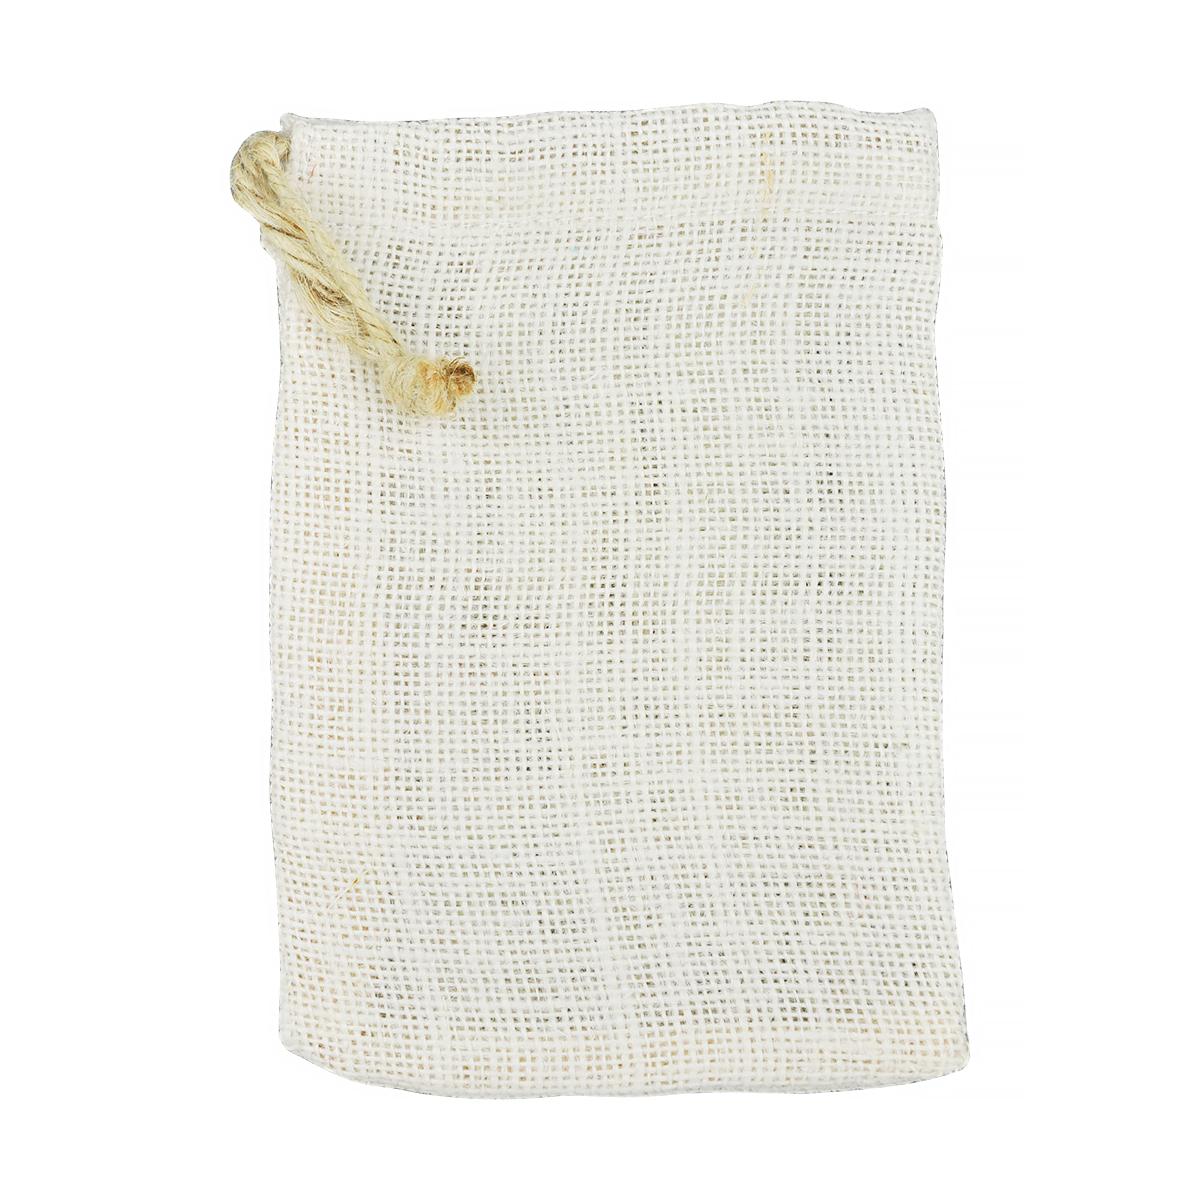 Sac de Iută cu Șnur, 12 x 17 Centimetri, Alb, Meyco, 23233